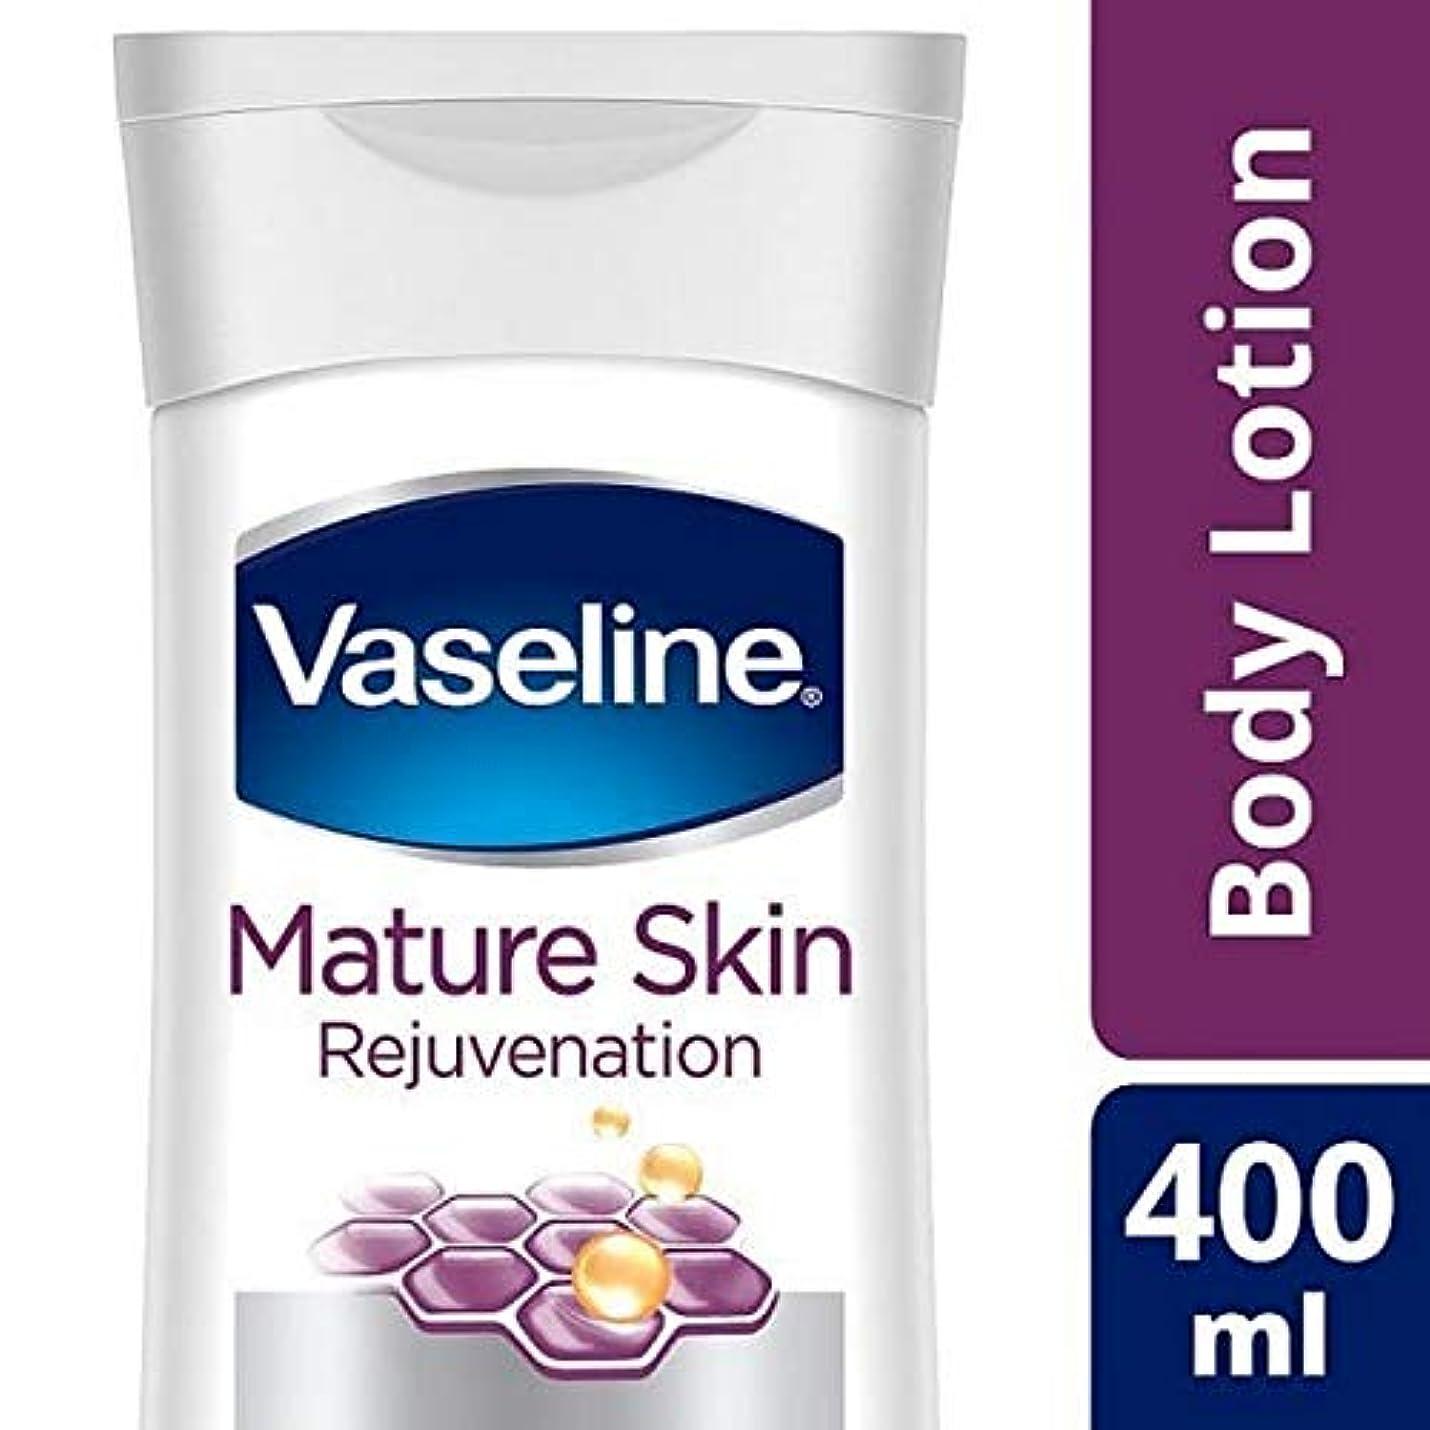 失うレルム首謀者[Vaseline ] 成熟した肌のための400ミリリットルワセリン集中治療ボディローション - Vaseline Intensive Care Body Lotion for Mature Skin 400ml [並行輸入品]